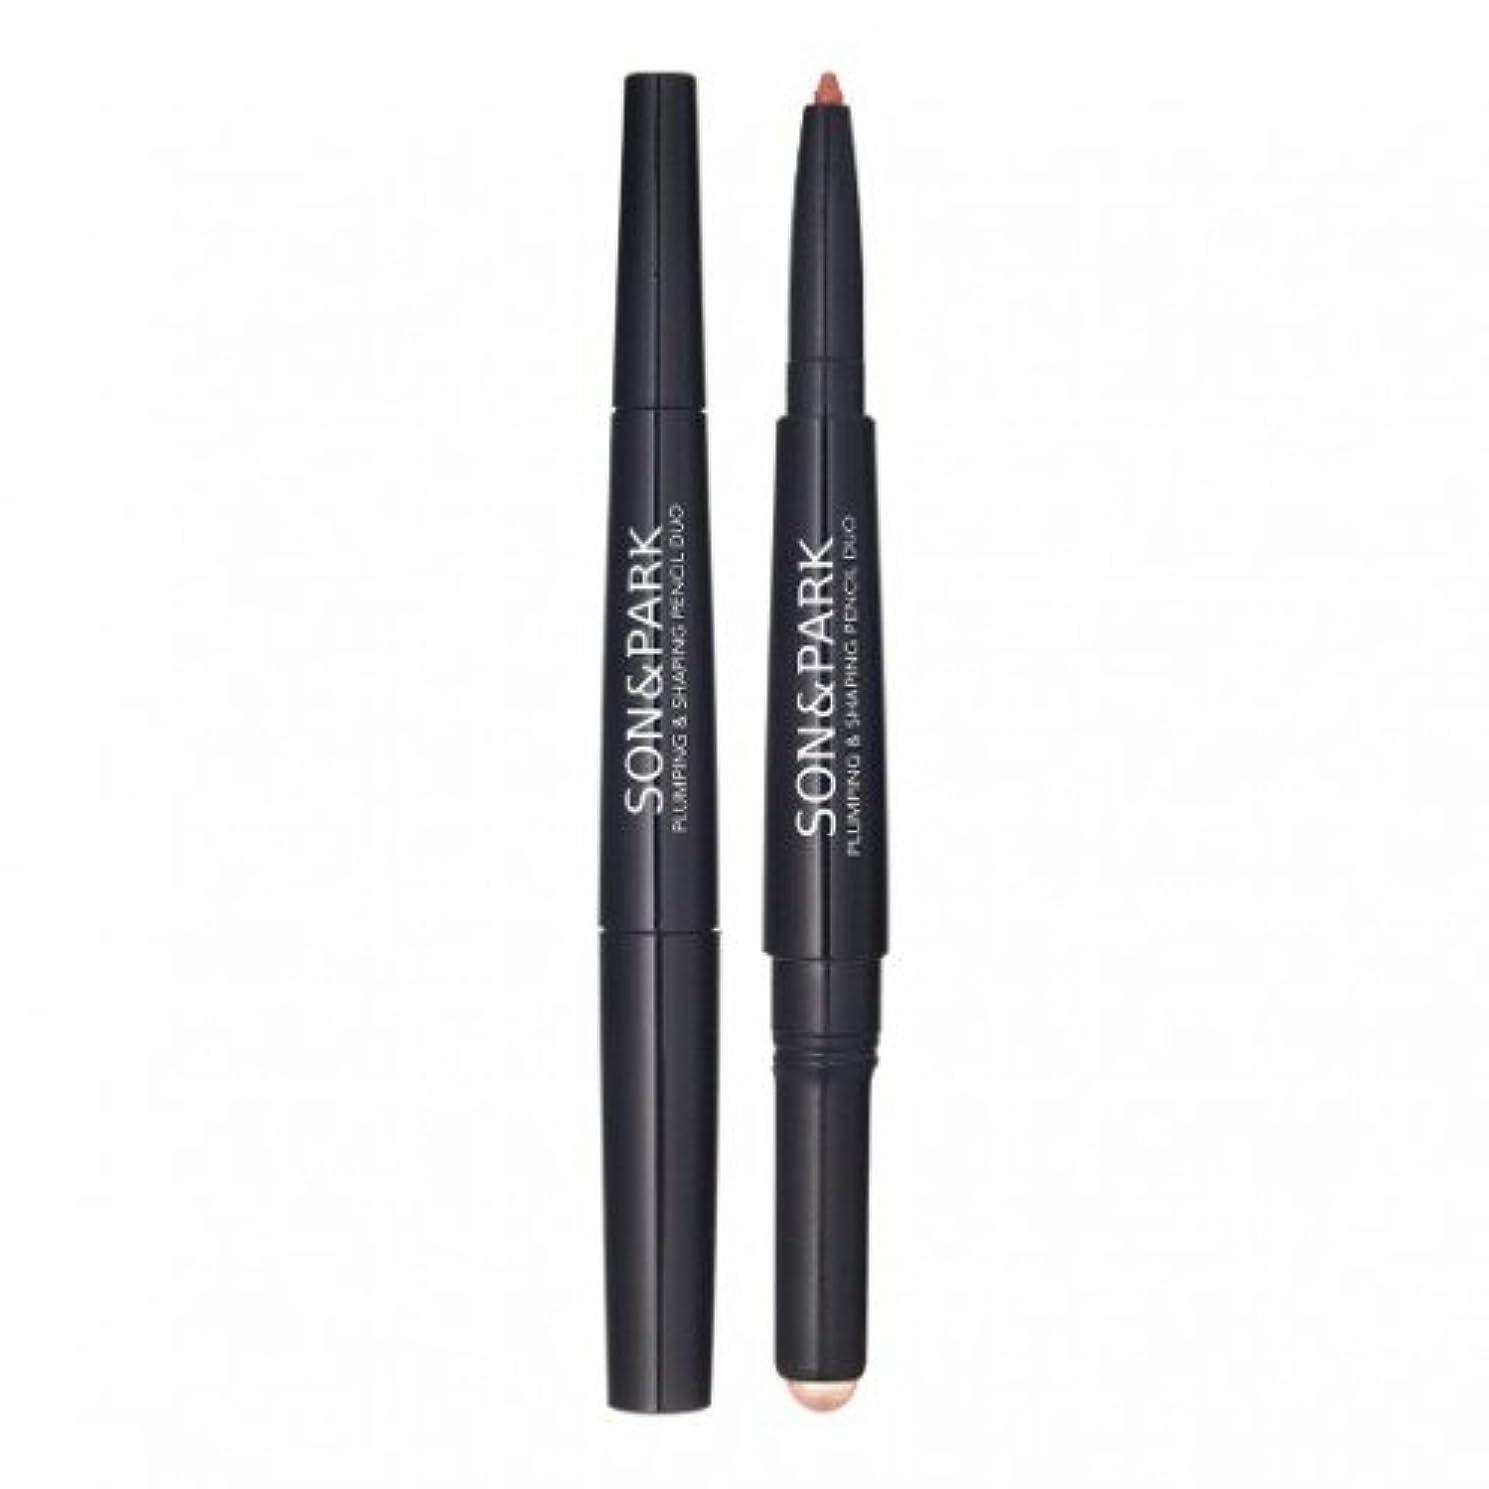 羊の服を着た狼その間観客ソンエンパク プランピング?シェーピング ペンシル デュオ/Son&Park(Son and Park) Plumping Shaping Pencil Duo 0.2g+1.4g(Contour/Highliter)/100% Authentic direct from Korea [並行輸入品]